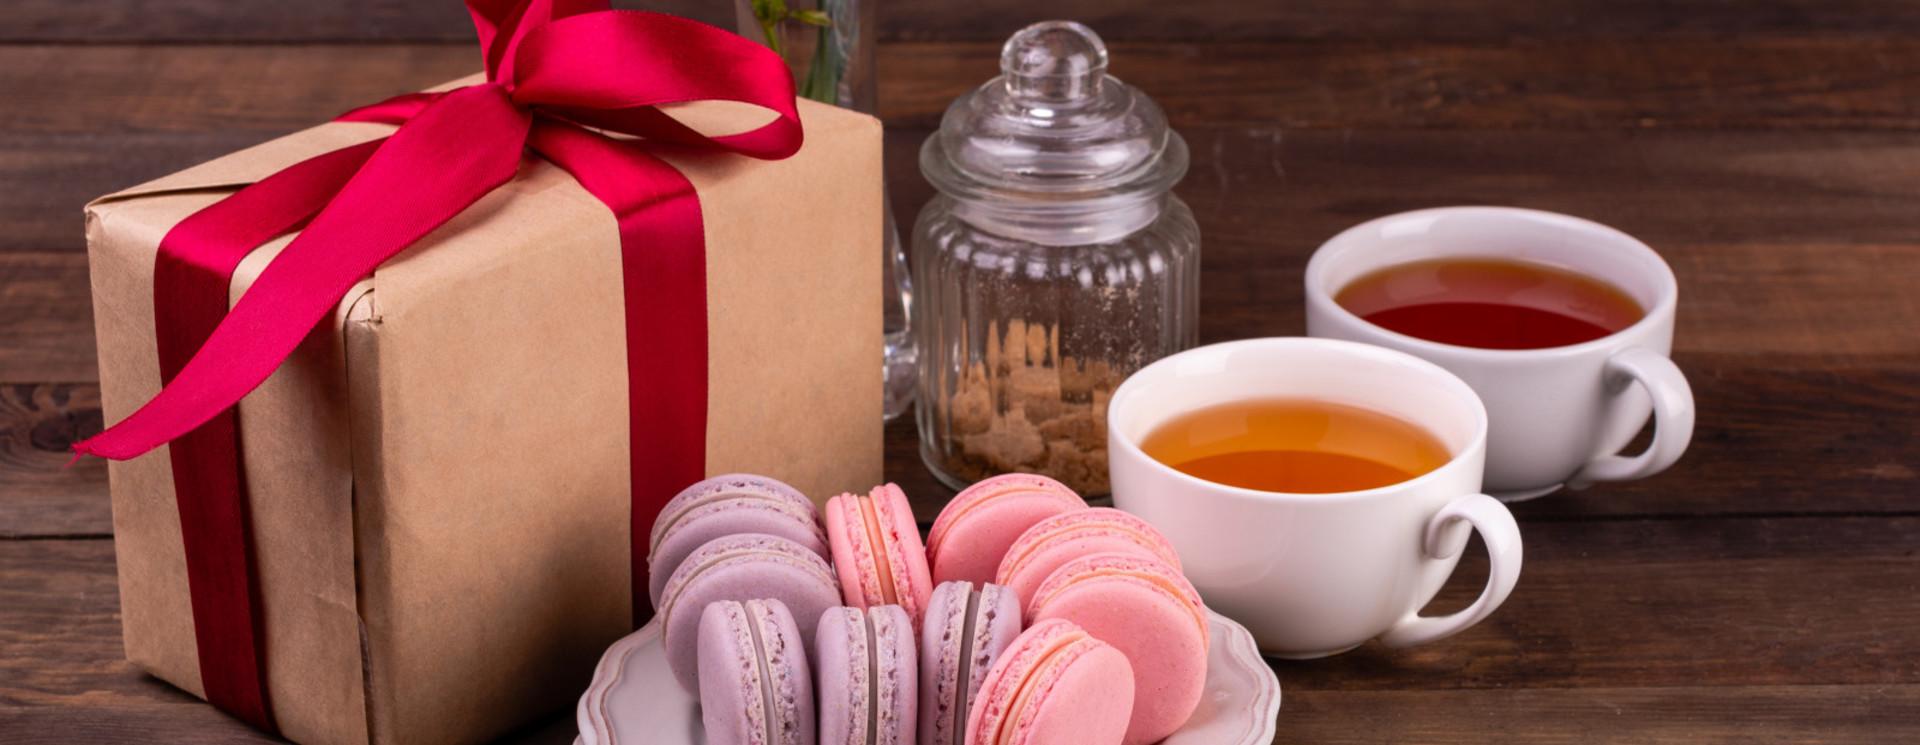 Tee als Geschenk